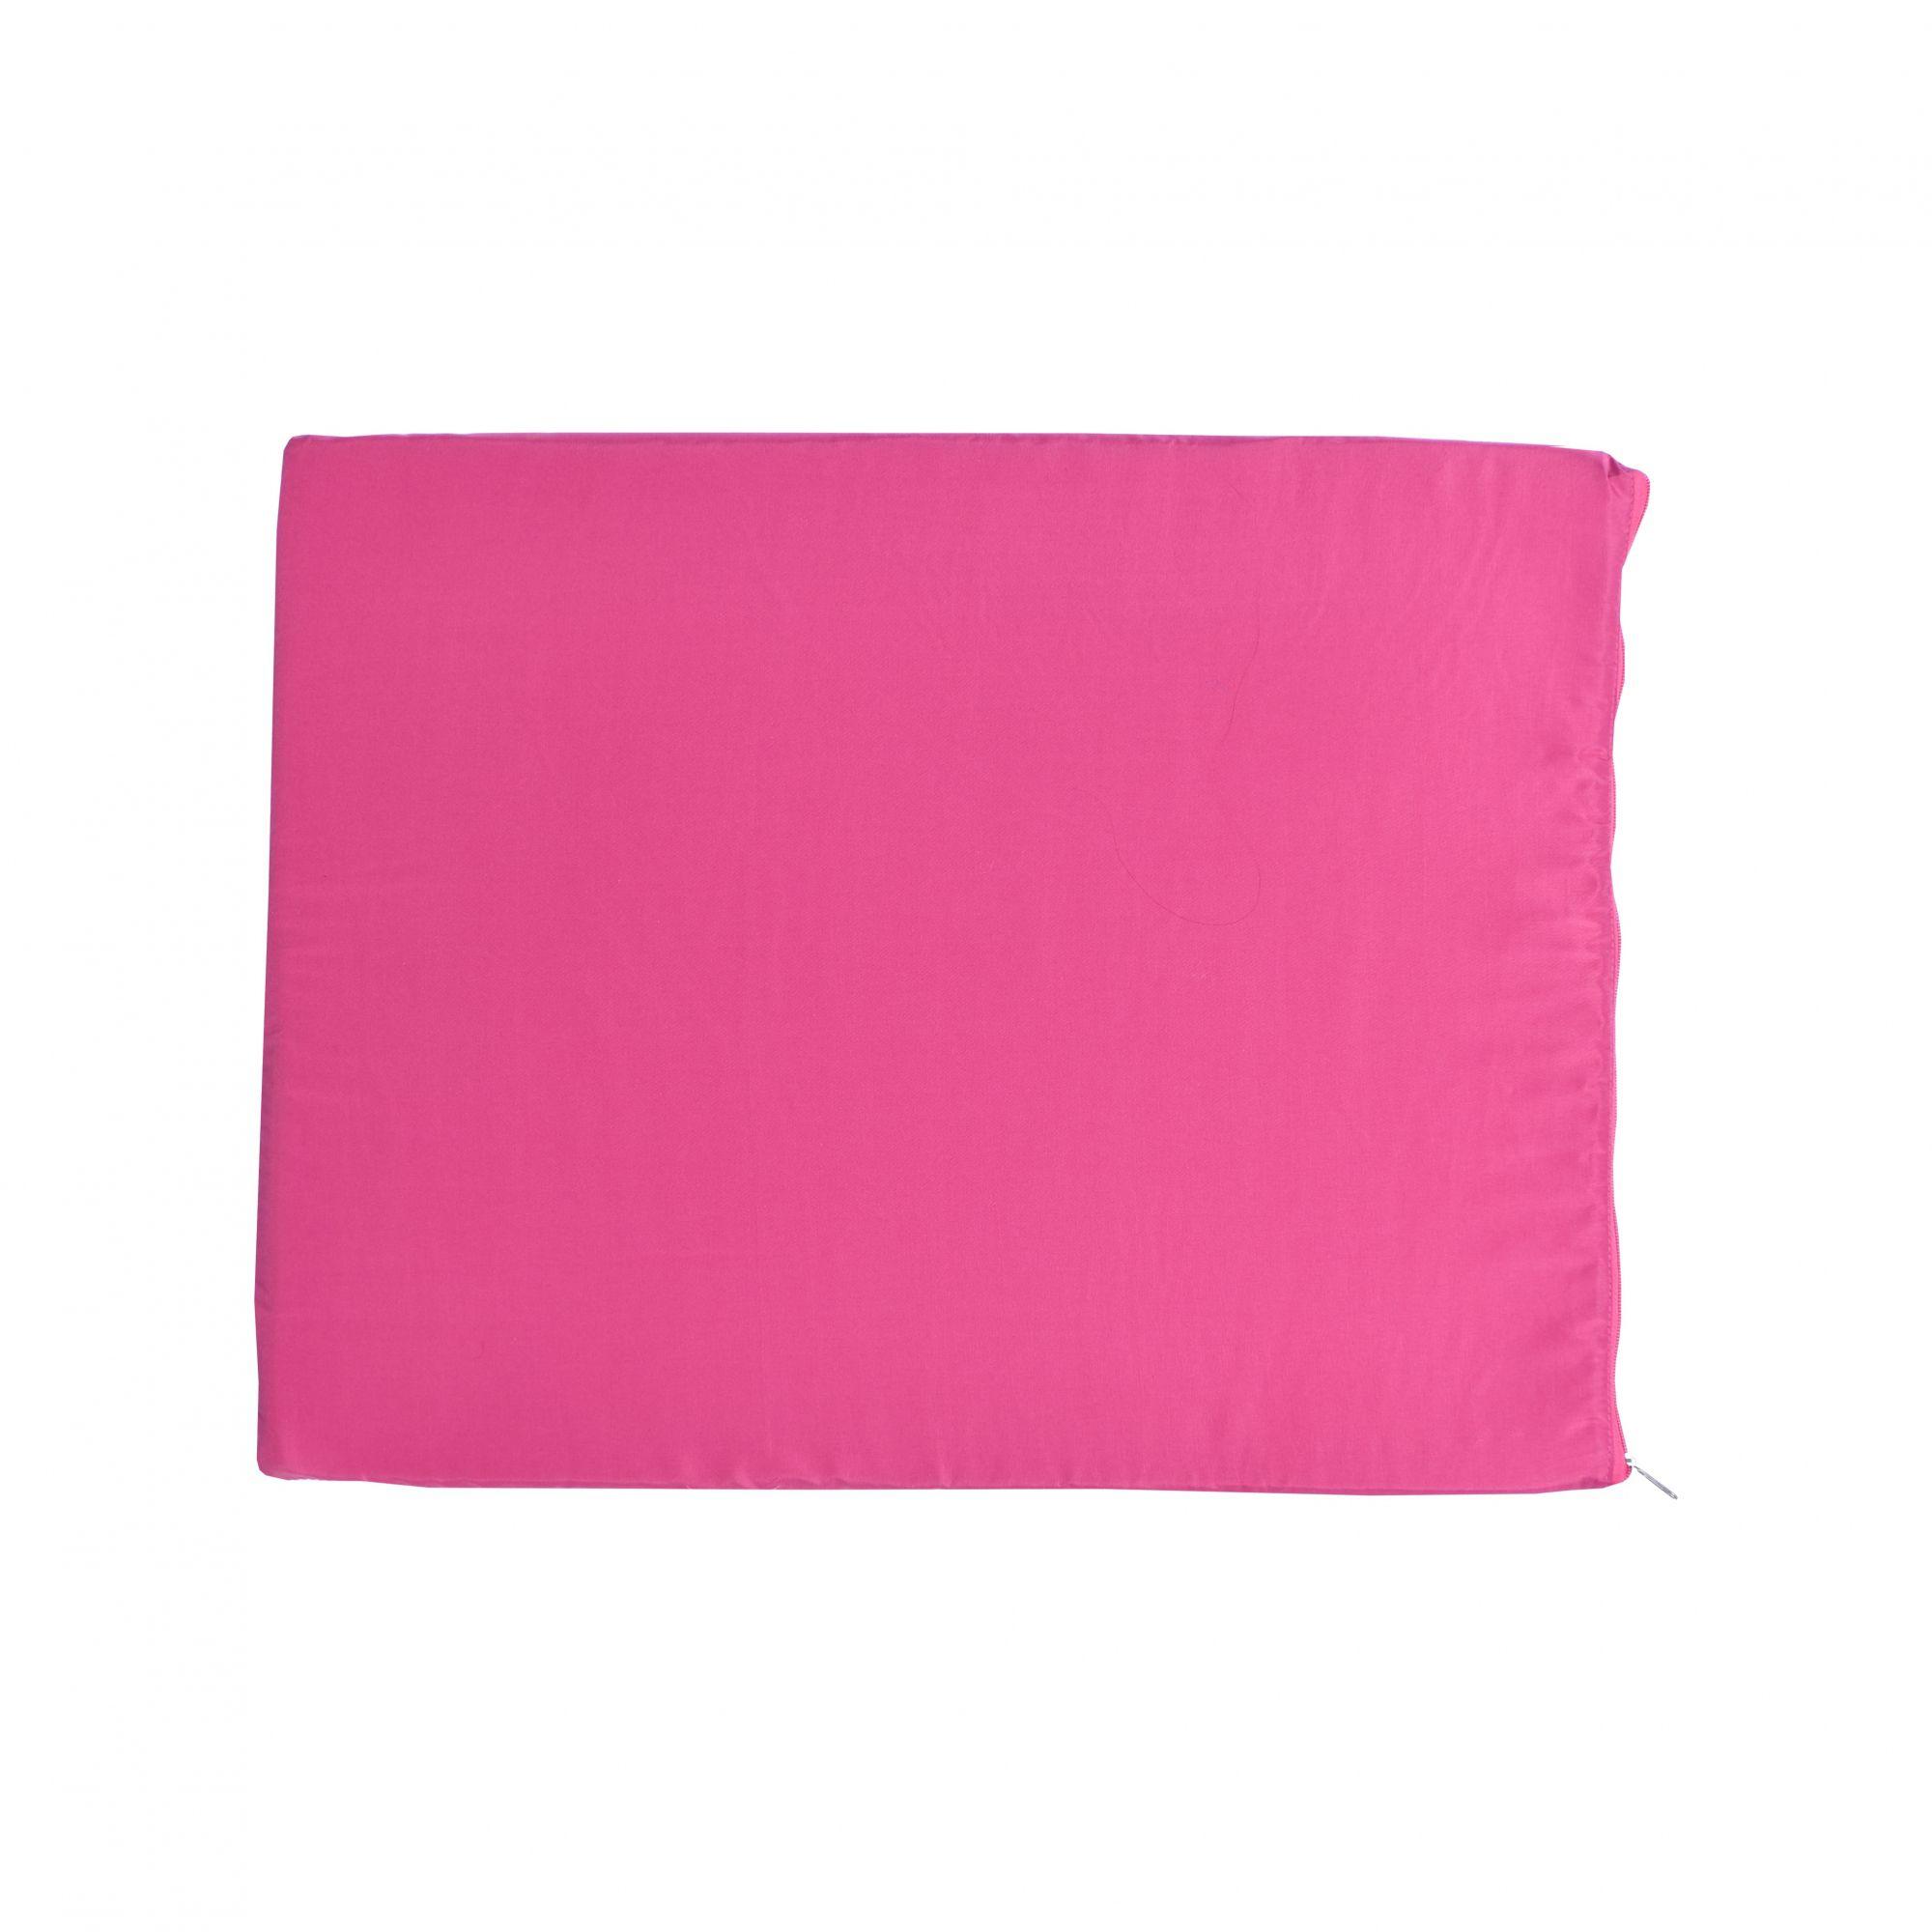 Kit Casinha Ecológica n. 06 com Colchonete Rosa e placa de nome